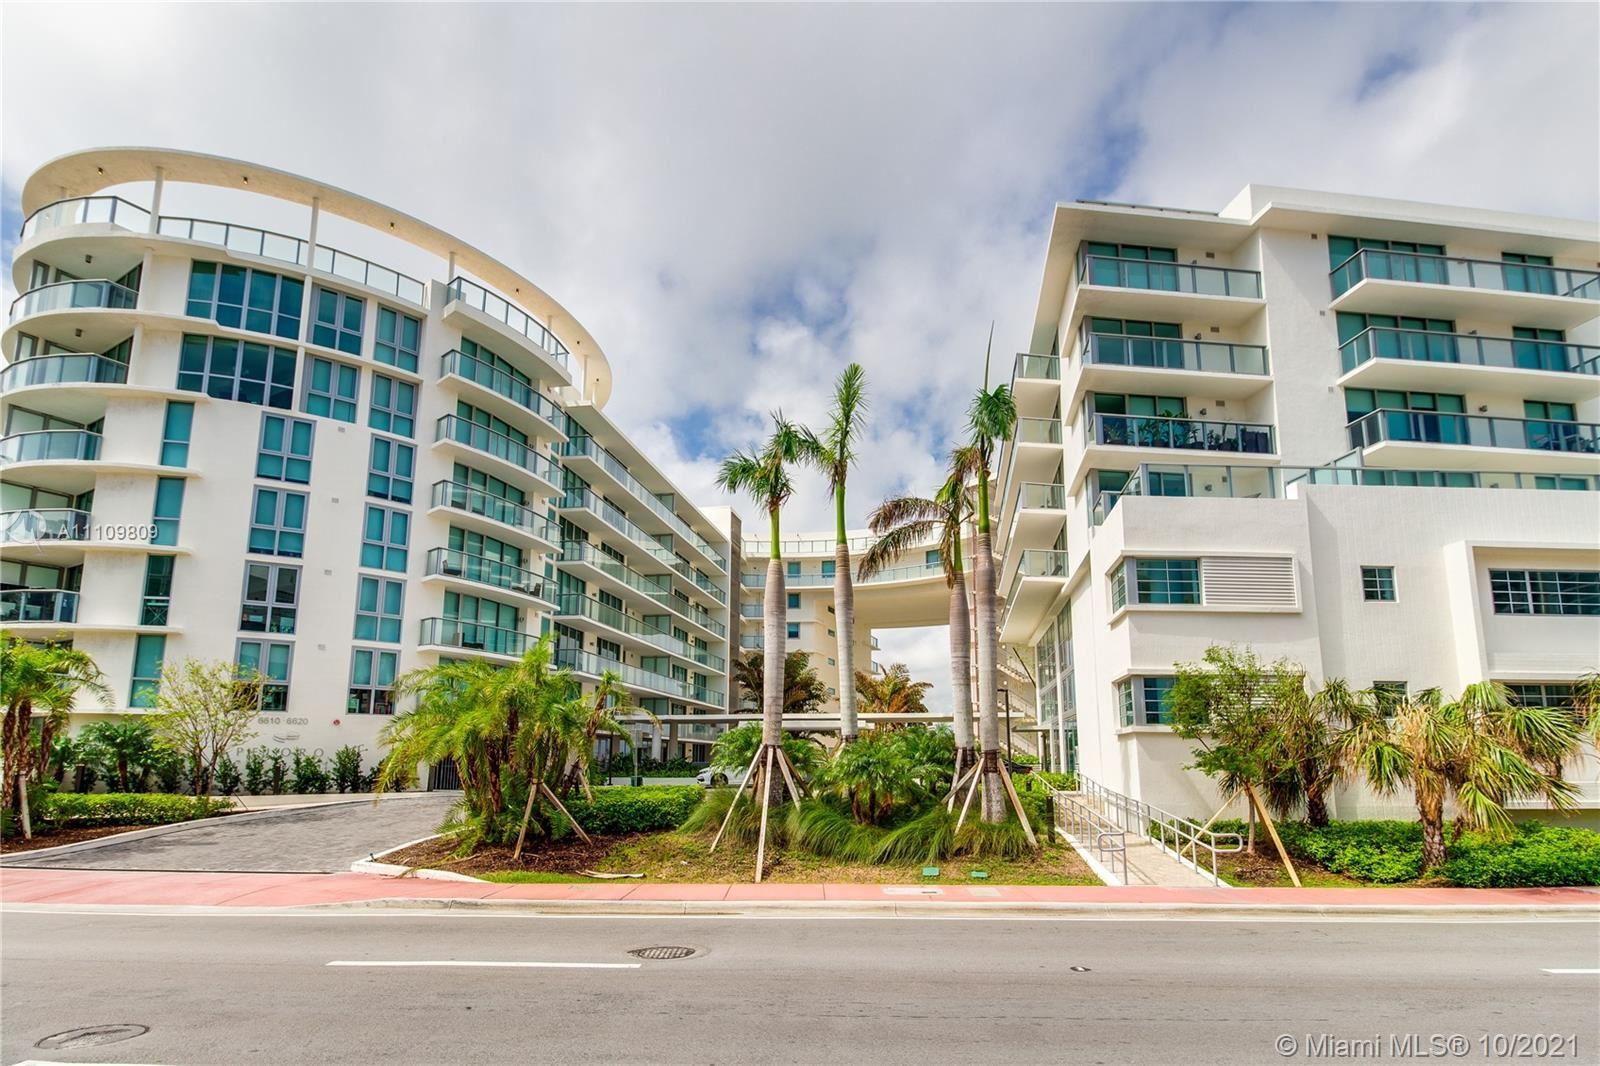 6620 Indian Creek Dr #503, Miami Beach, FL 33141 - #: A11109809